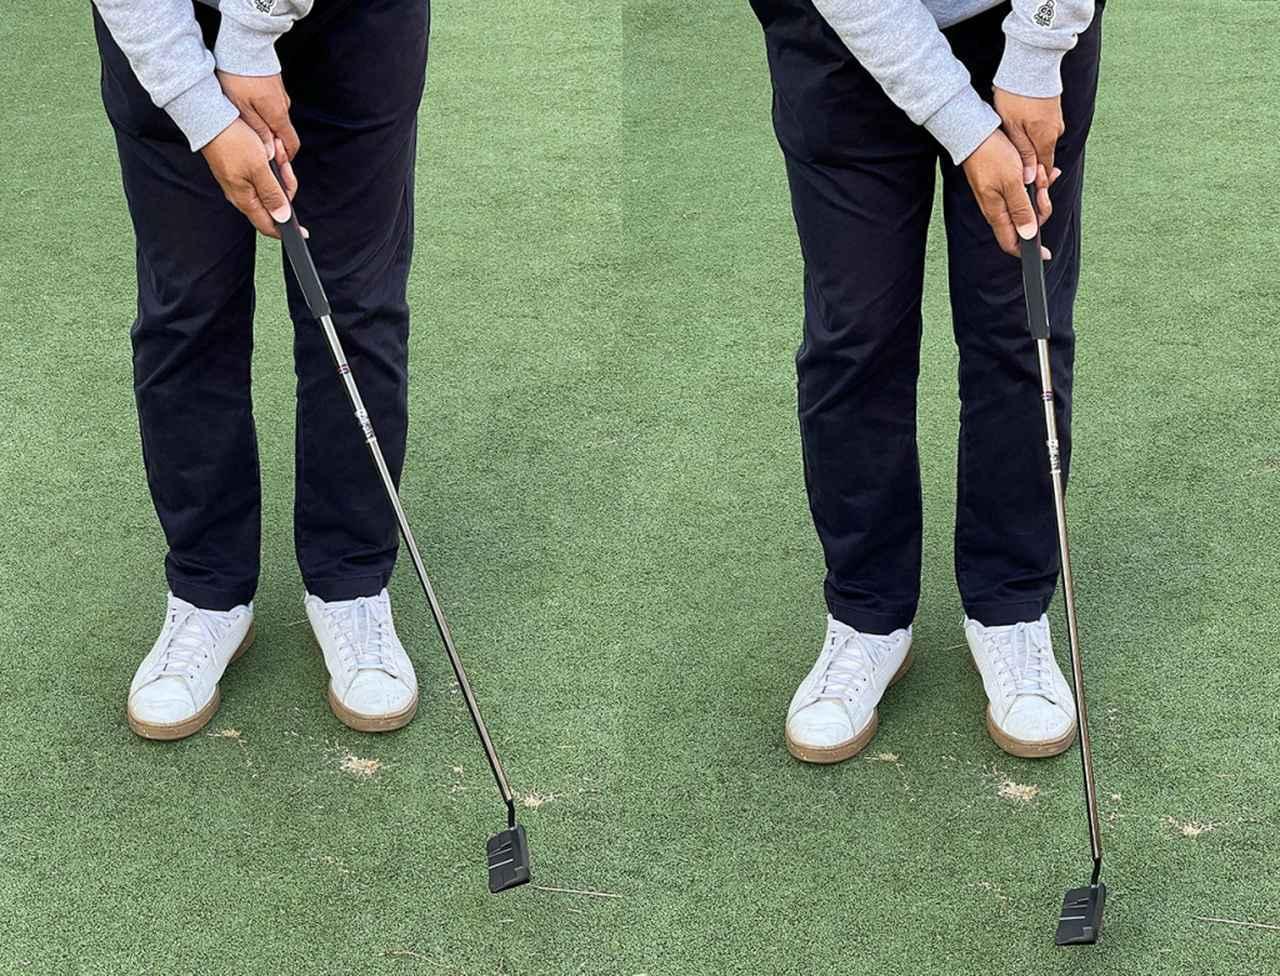 画像: (左)手首を曲げてしまうとヘッドが目標方向に出てしまう。(右)手首を固定して左肩主導のストロークだと安定する